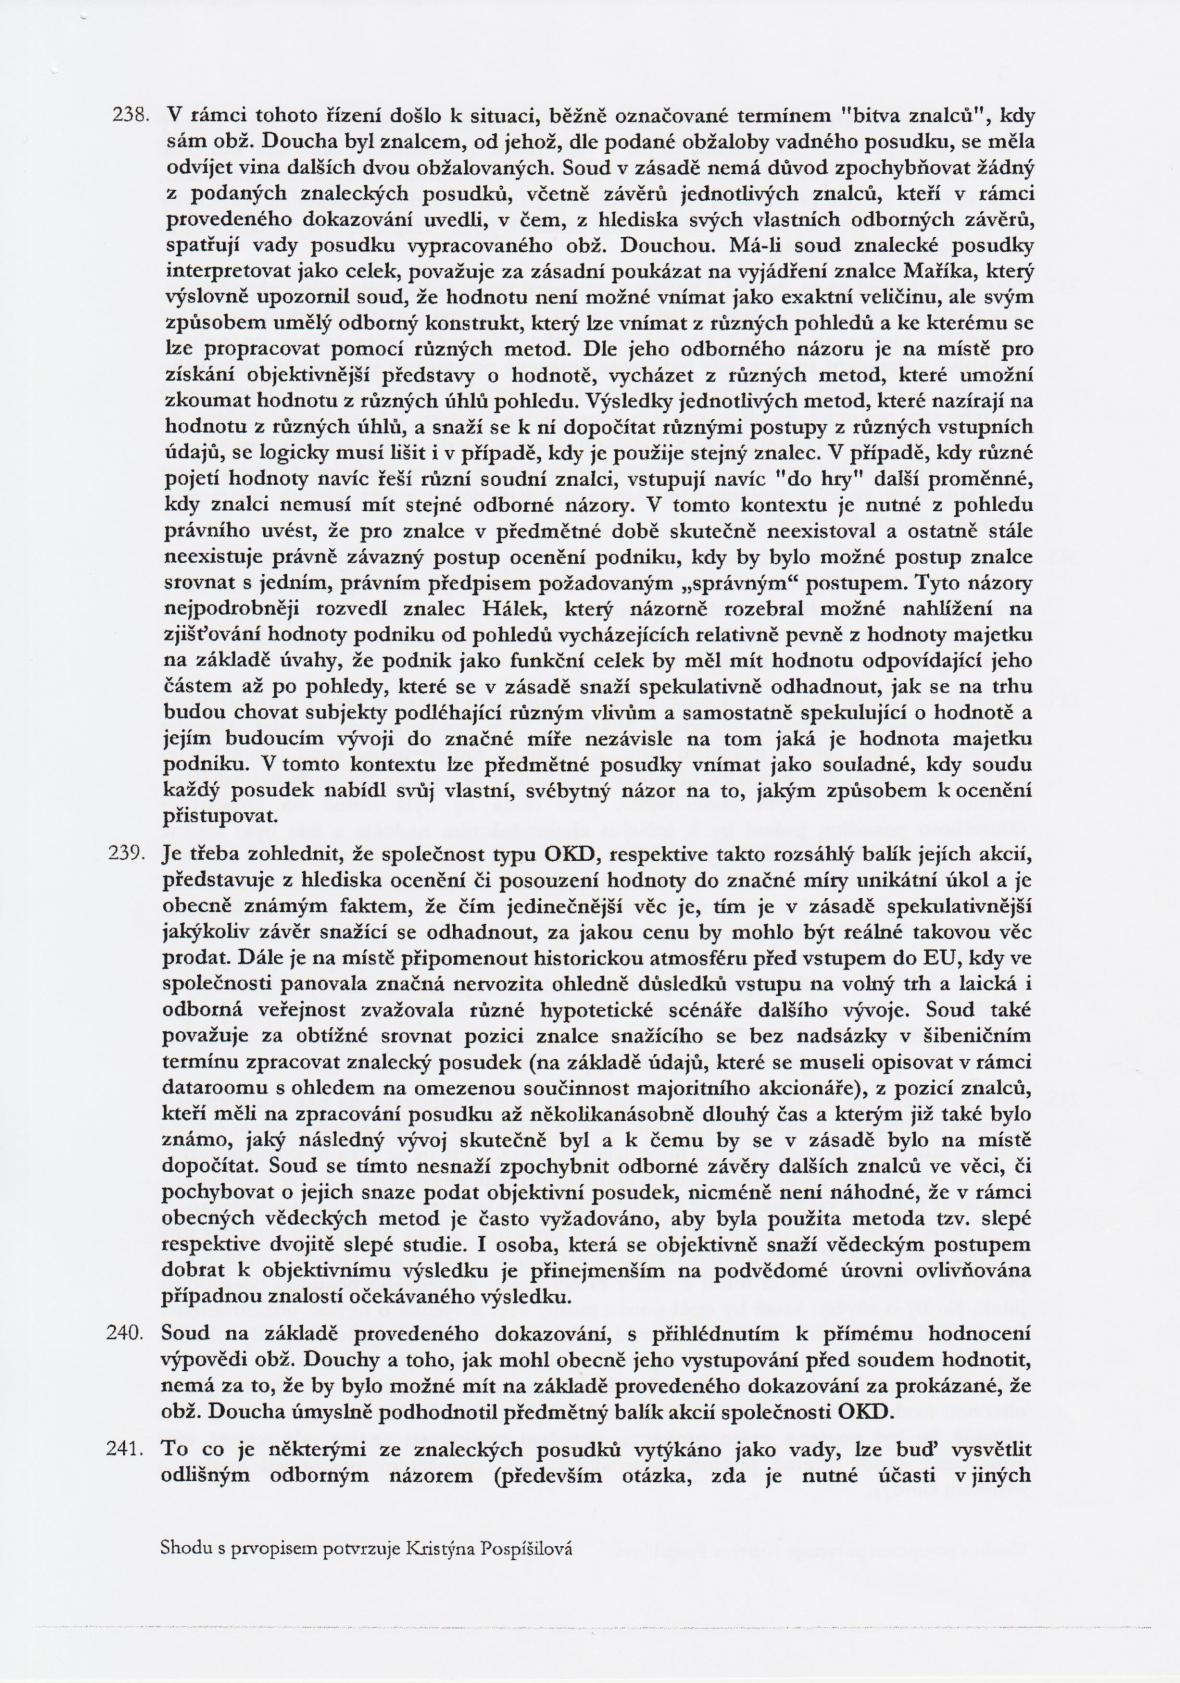 Rozsudek v kauze OKD – strana 31